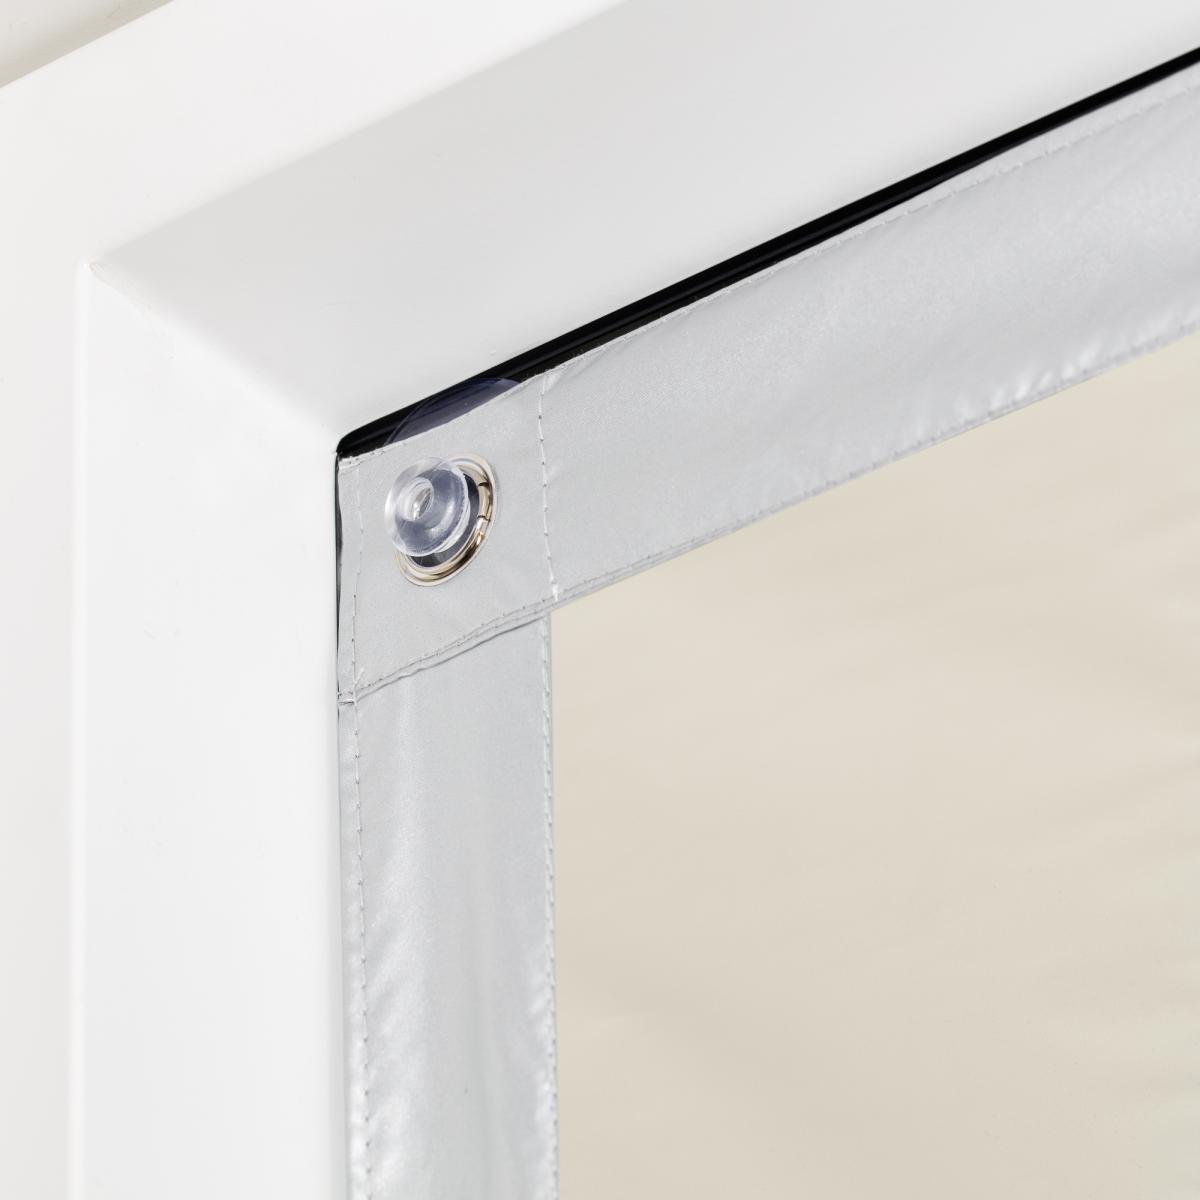 Bild 3 von Lichtblick Dachfenster Sonnenschutz Haftfix, ohne Bohren, Verdunkelung, Beige, 47 cm x 91,5 cm (B x